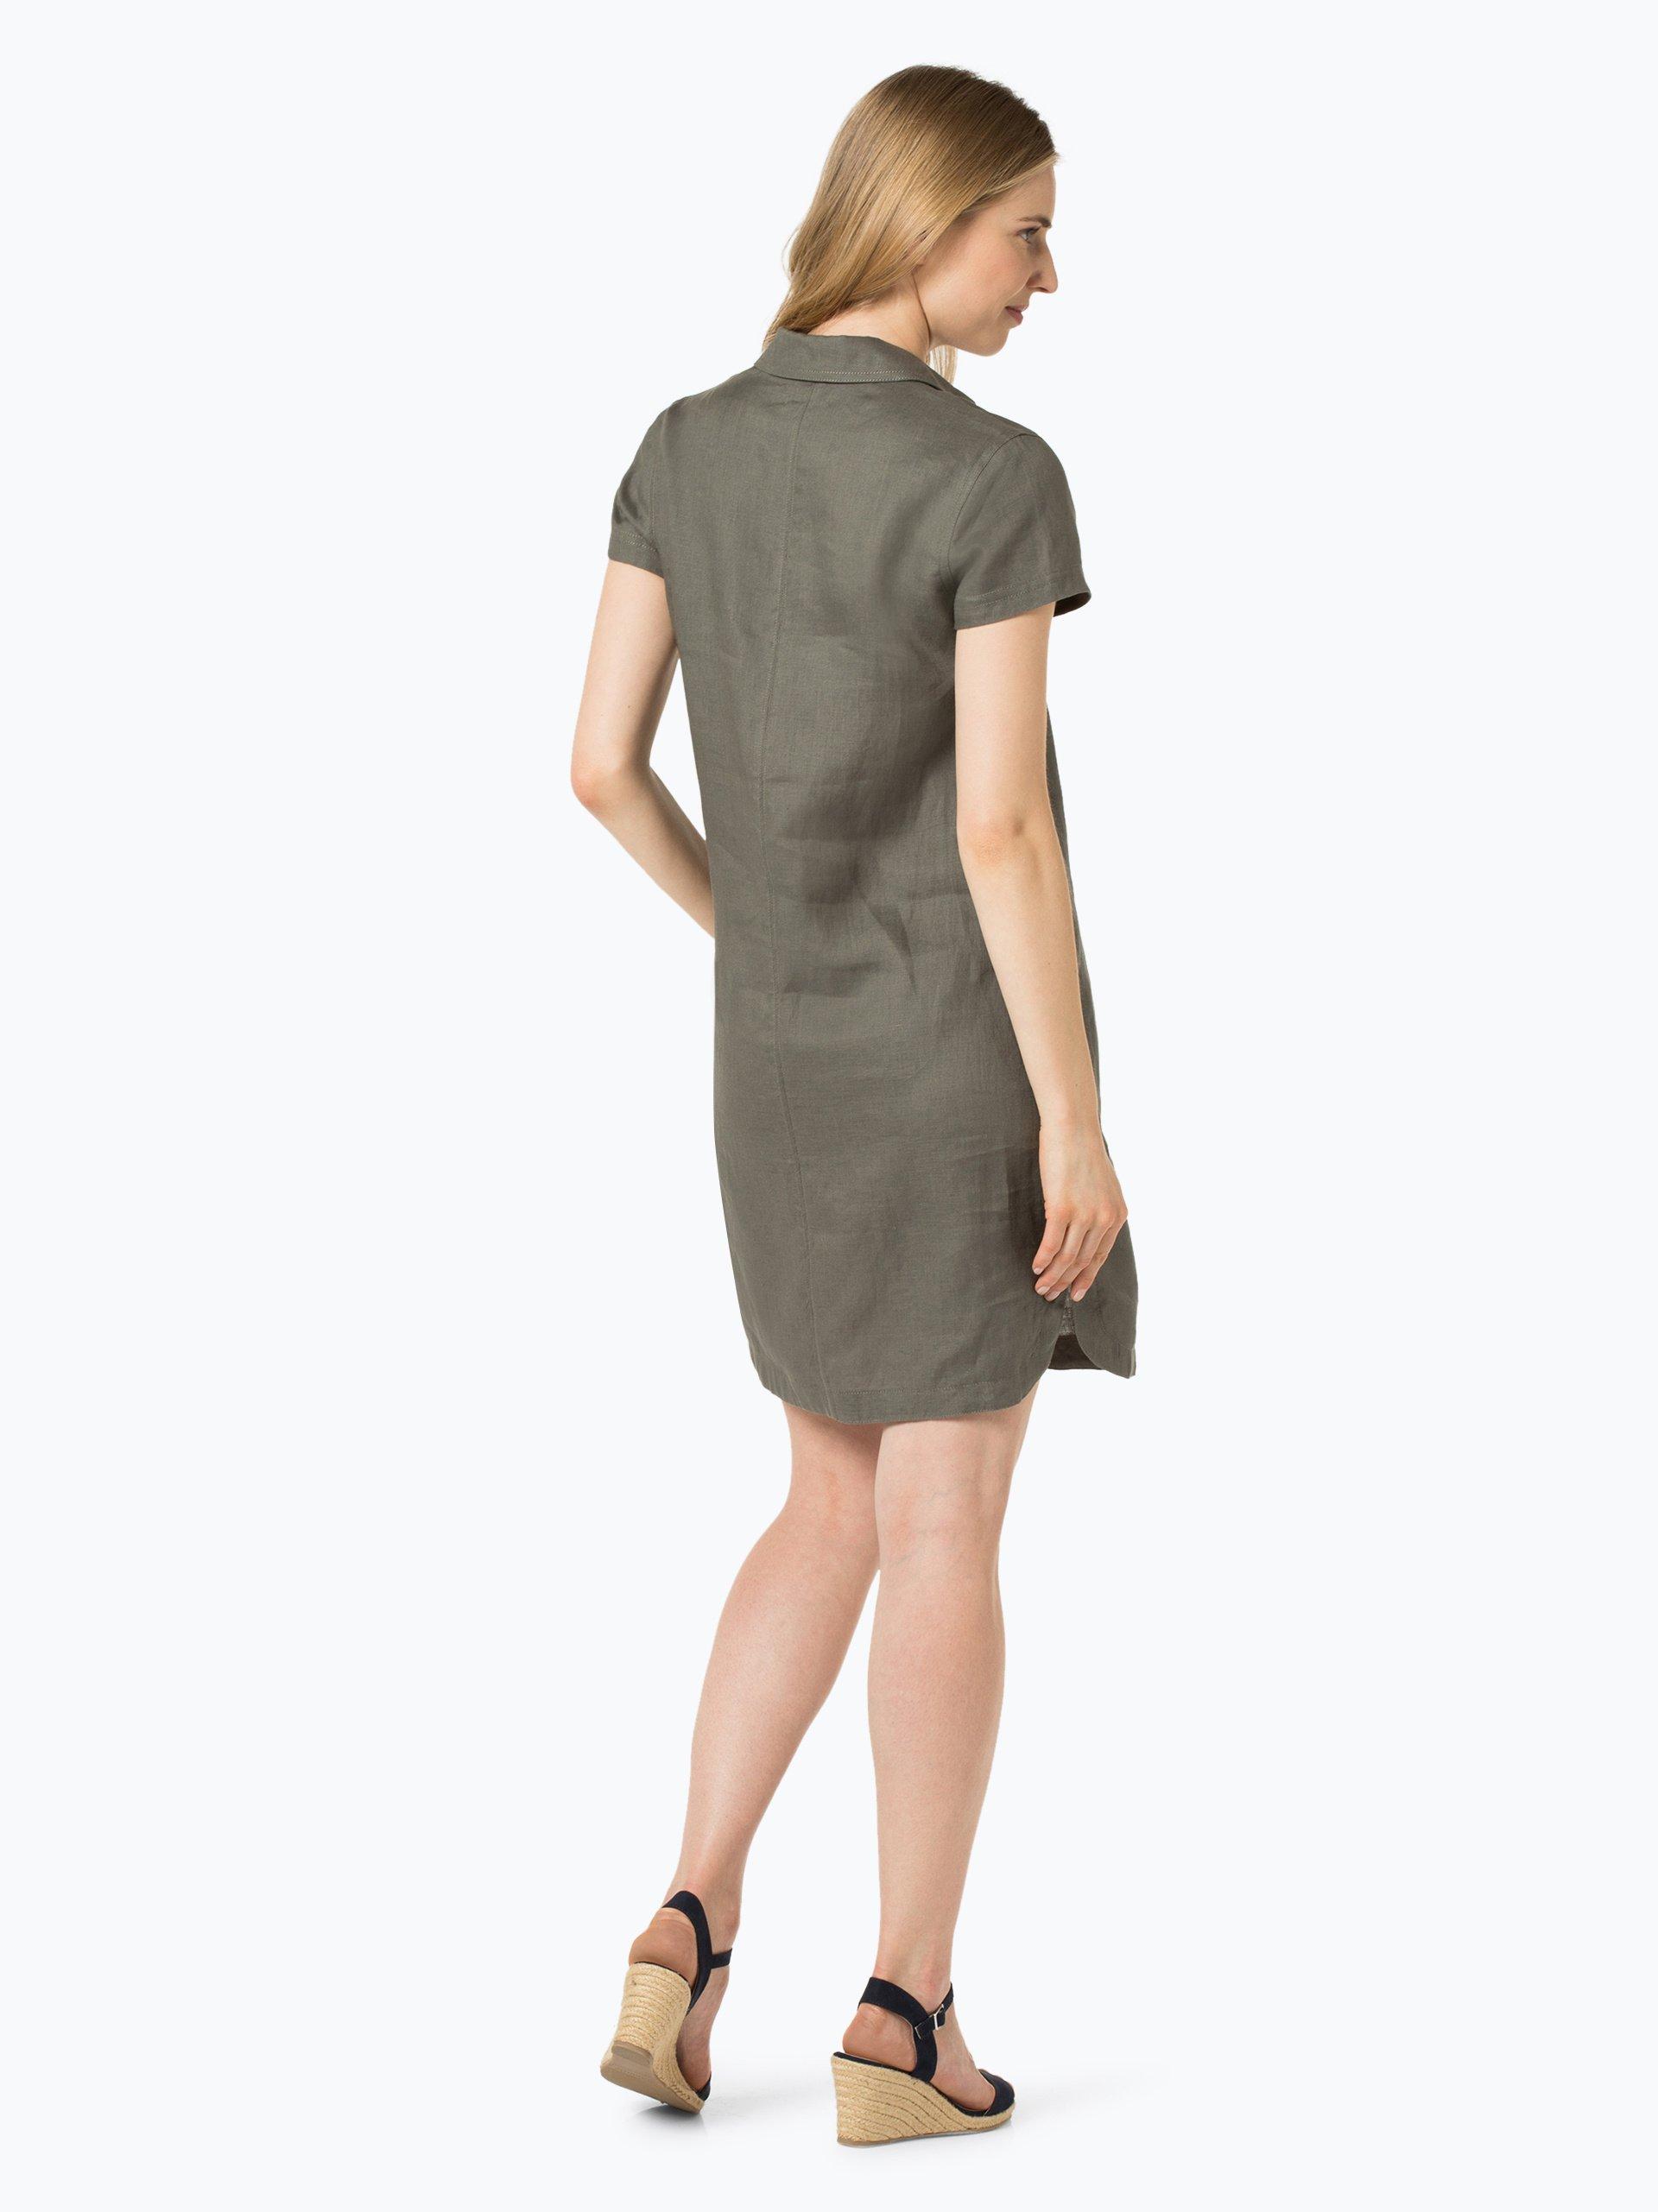 Apriori Damen Kleid aus Leinen